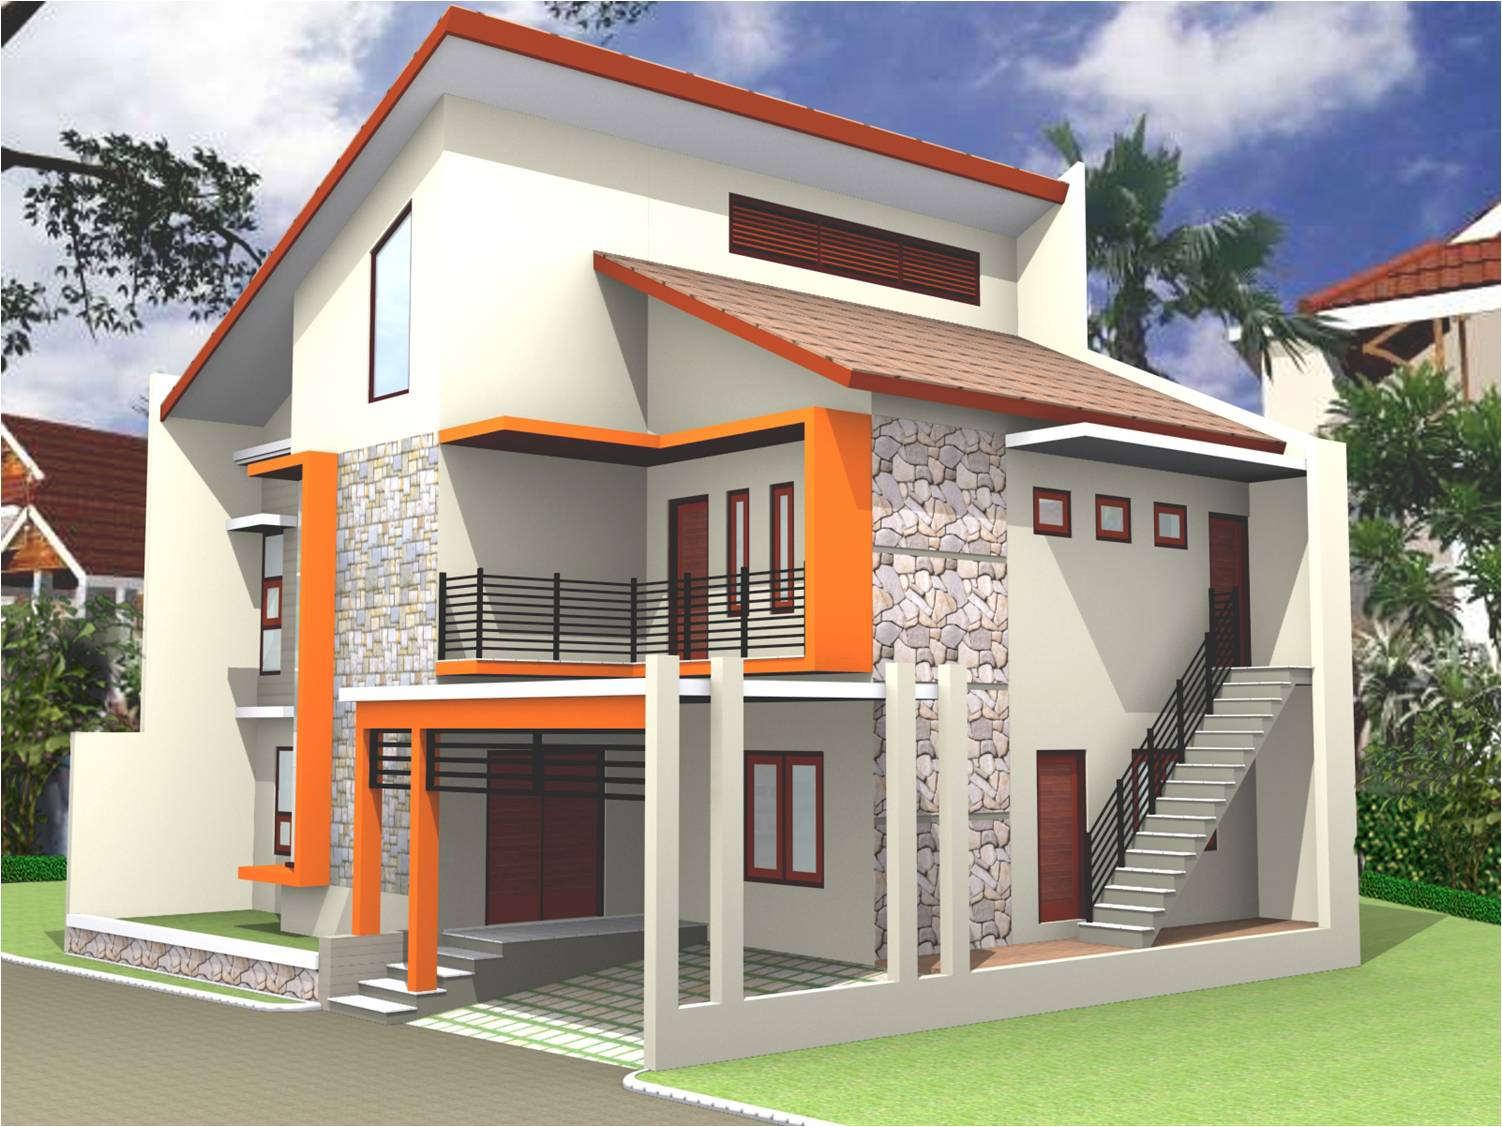 Desain Rumah Sederhana Minimalis 2 Lantai Modern